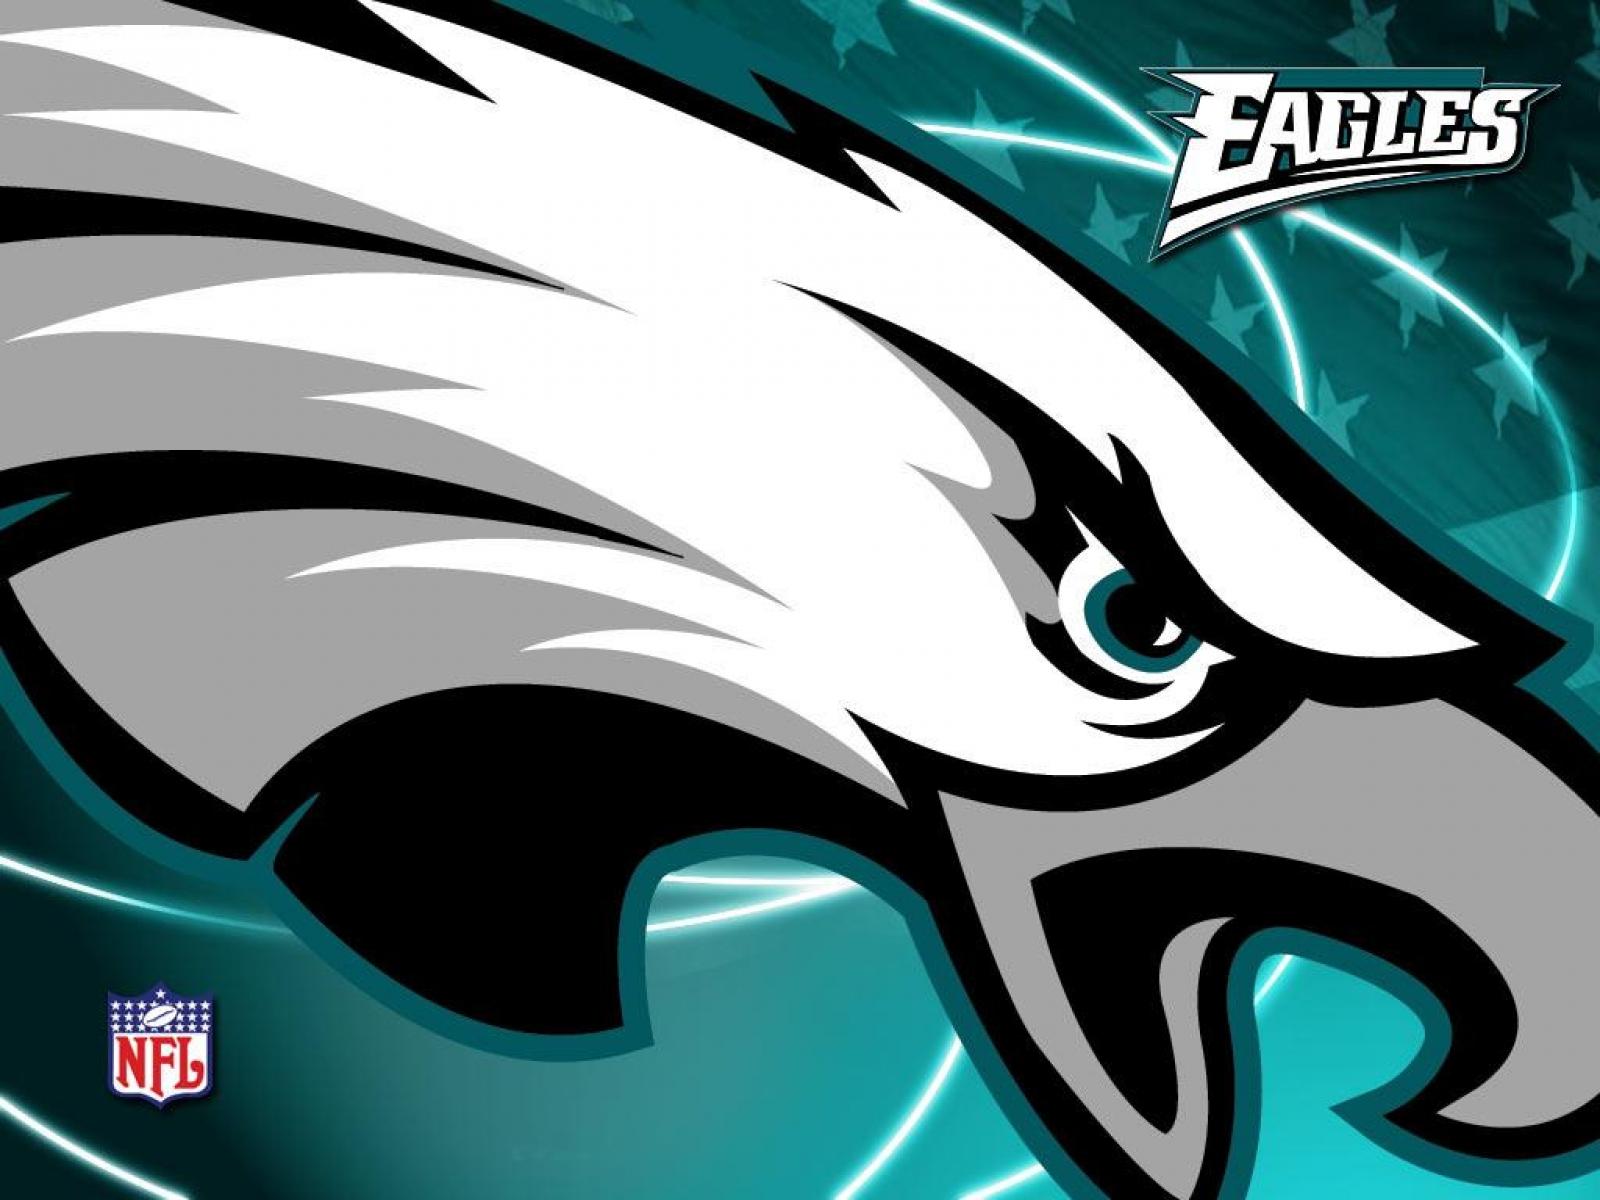 PHILADELPHIA EAGLES nfl football y wallpaper 1600x1200 158010 1600x1200